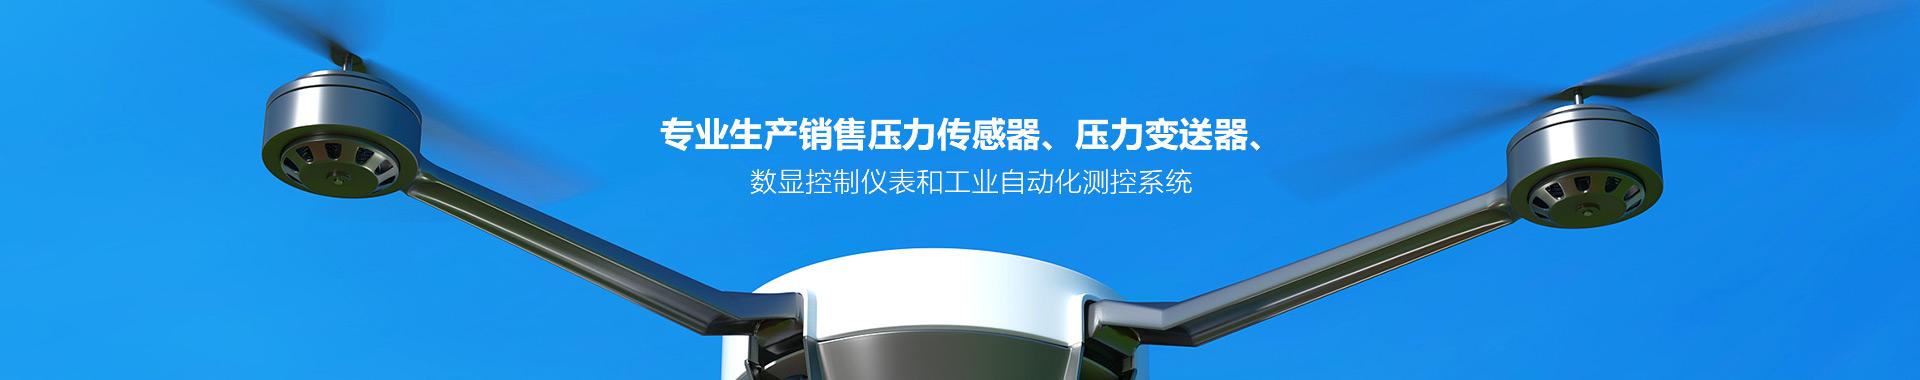 新葡萄京官网平台-萄京娱乐场官网网站-澳门新京浦官网app